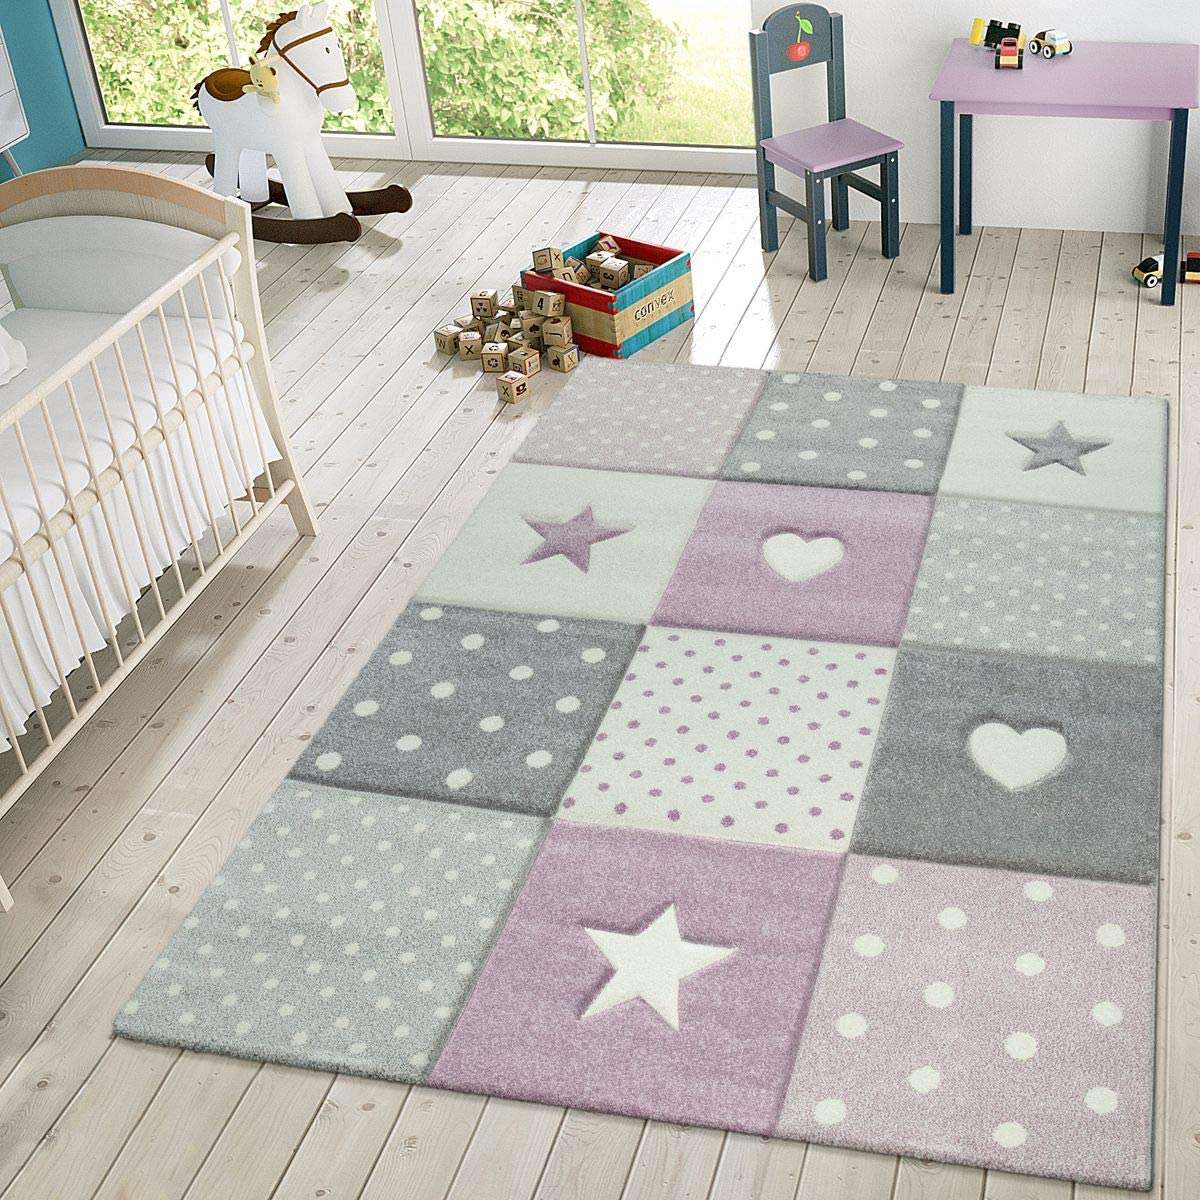 Gr/ö/ße:80x150 cm TT Home Kinder Teppich Spielteppich Karos Punkte Sterne Herzen Pastell Lila Grau